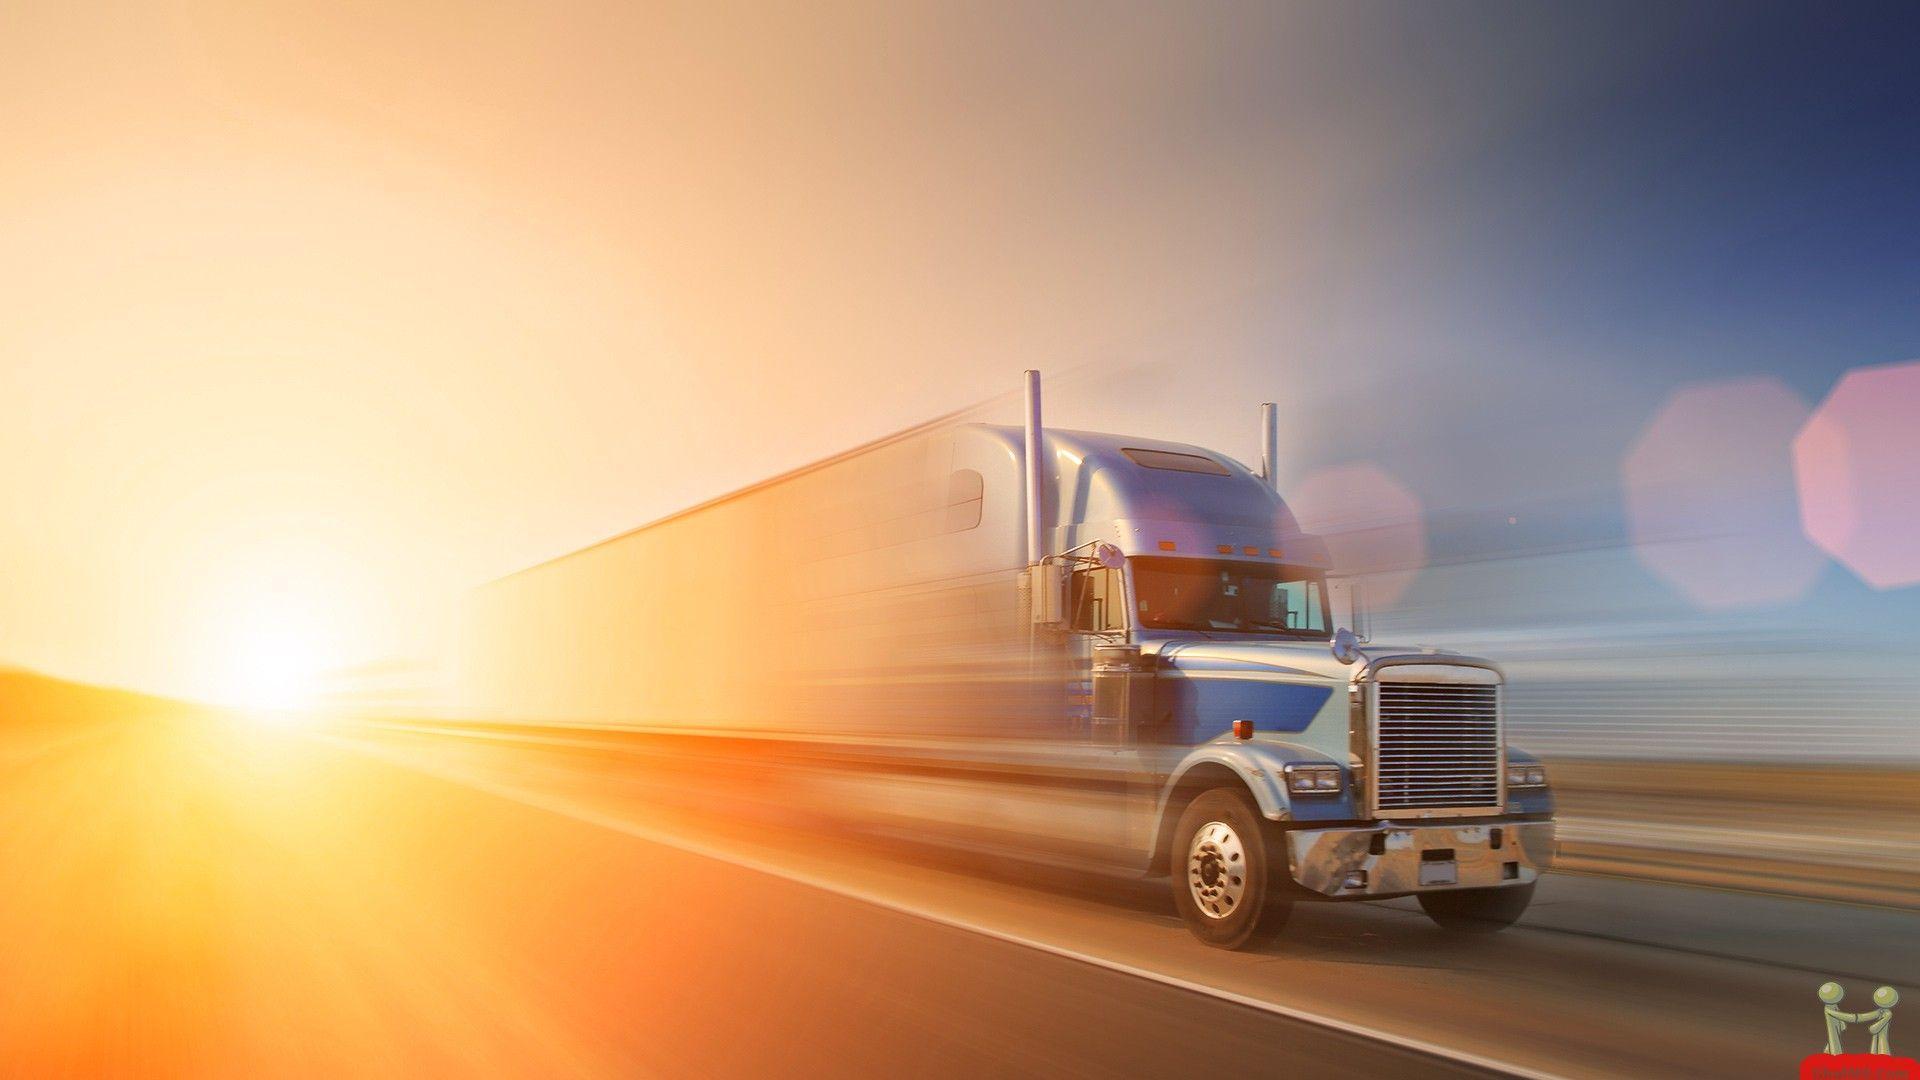 truck hd x wallpaper - photo #35